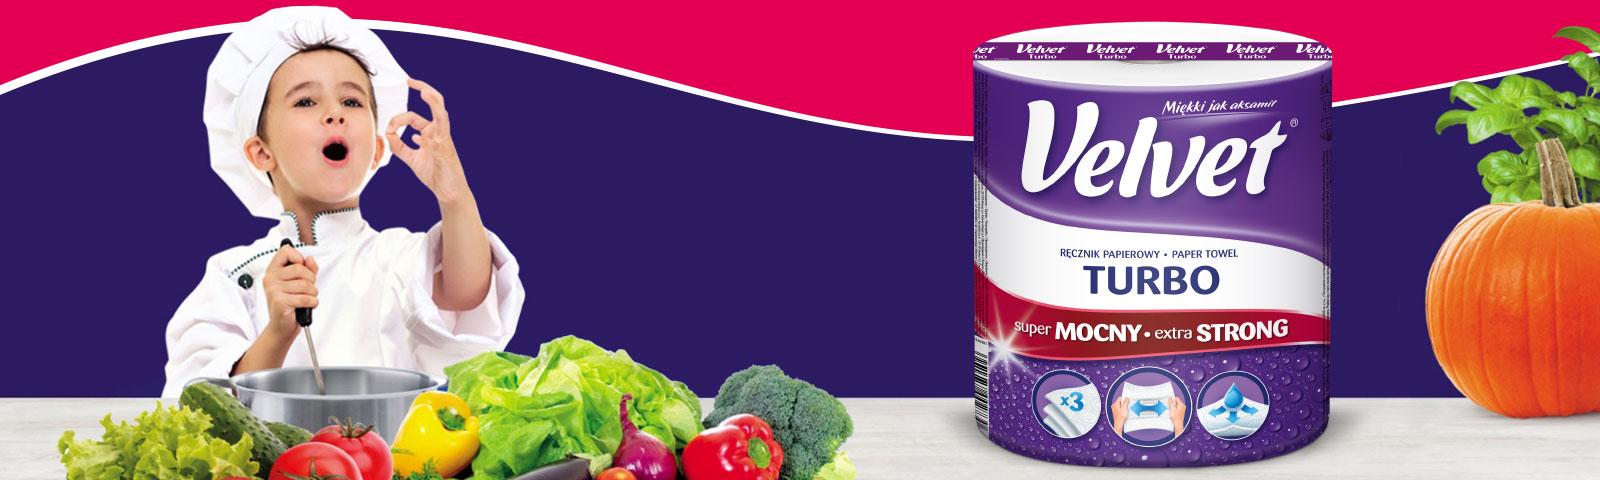 Velvet wspiera młodych kucharzy w 3. edycji programu Masterchef Junior.